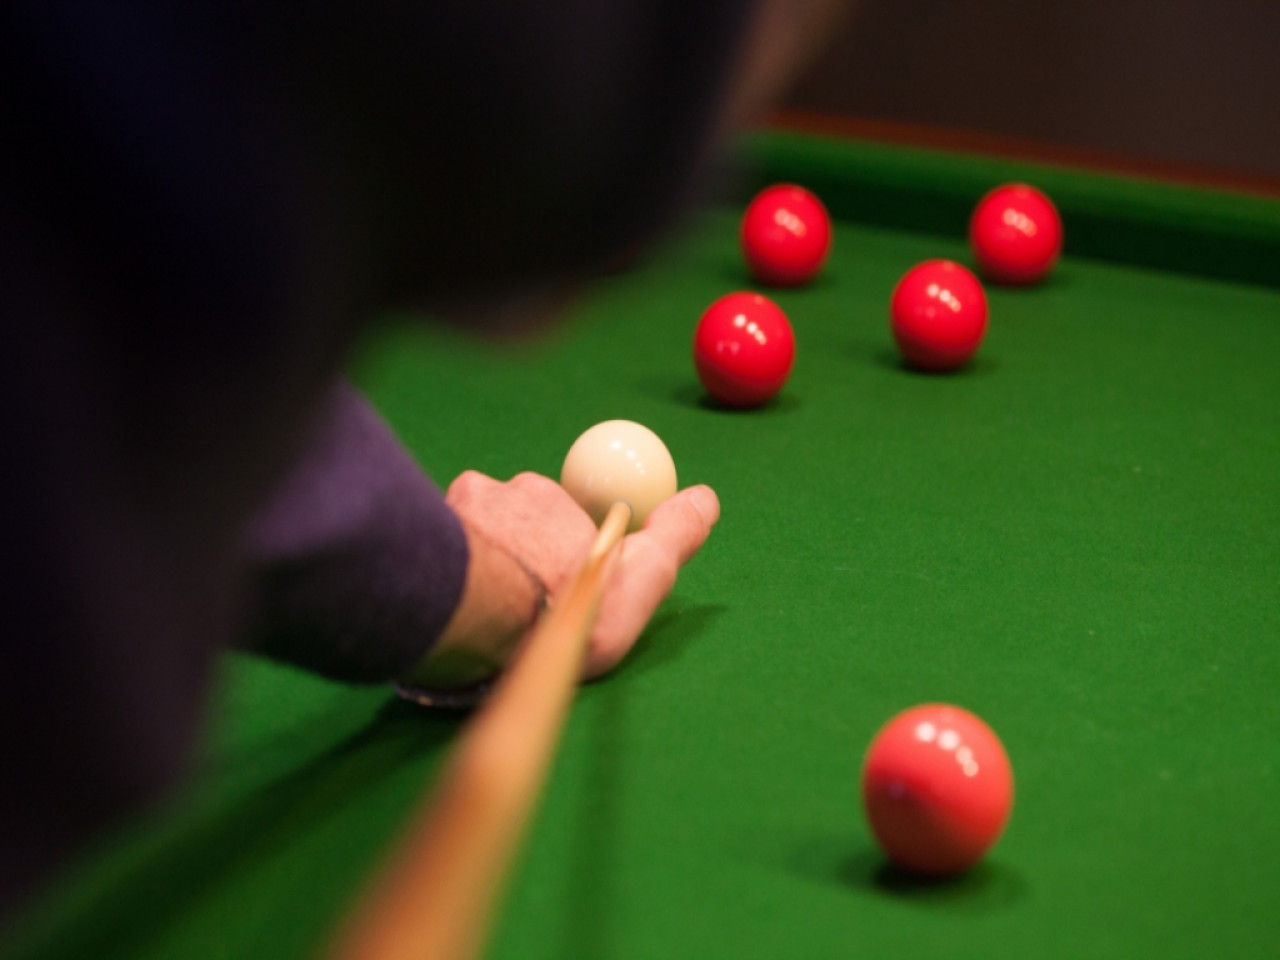 Stay at Abbotsford, Billiard Room